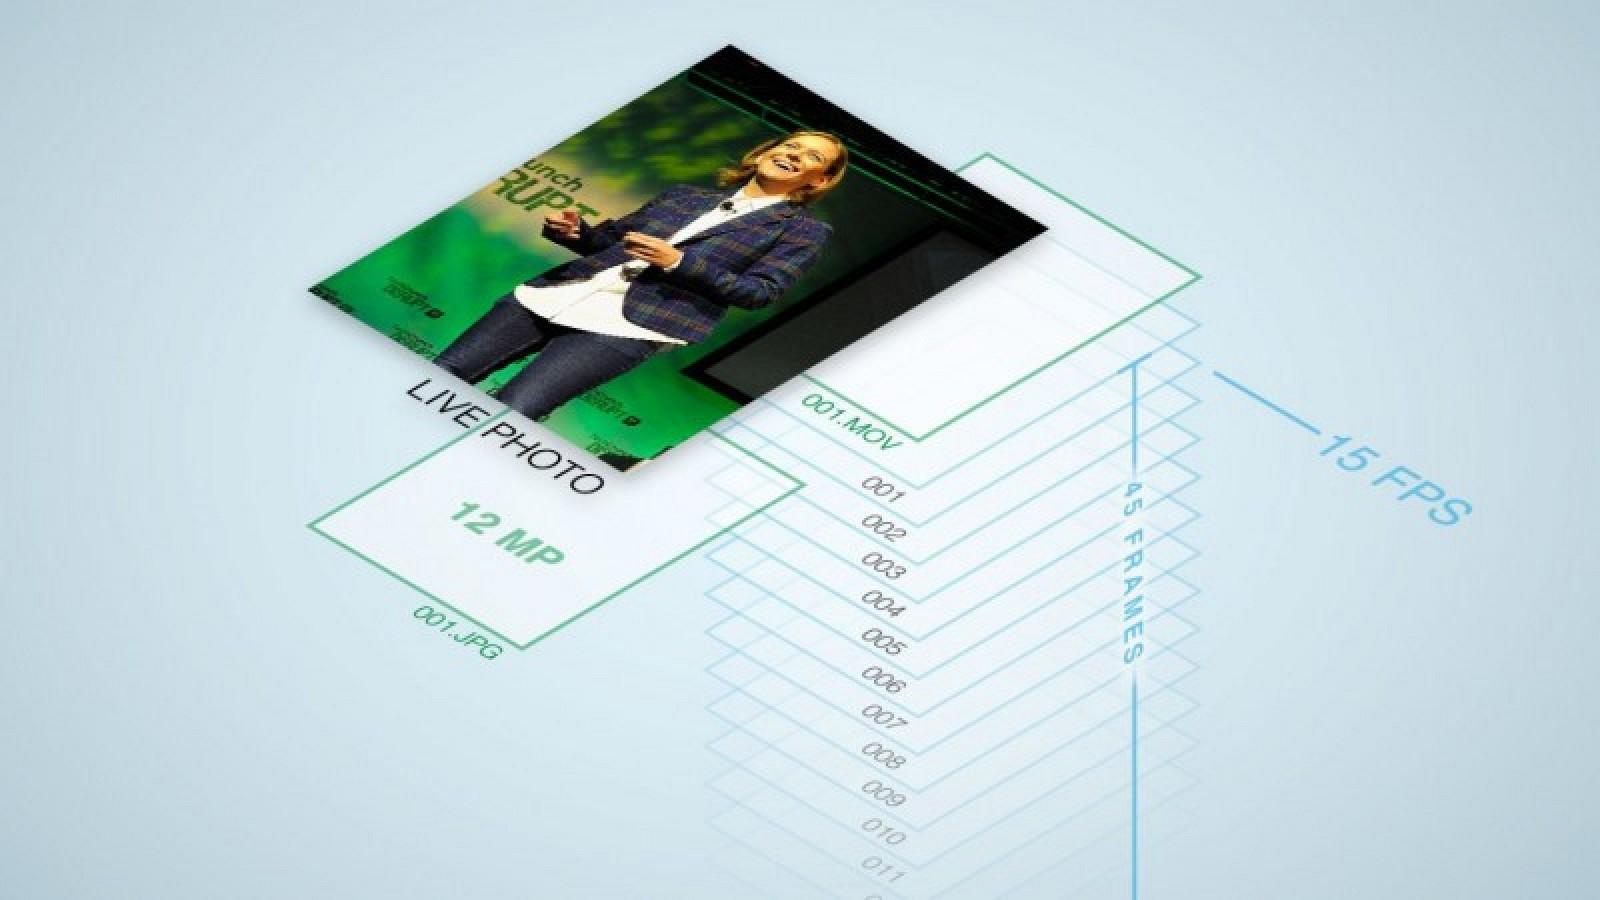 Beste Bild Framing Form Lieferanten Bilder - Benutzerdefinierte ...